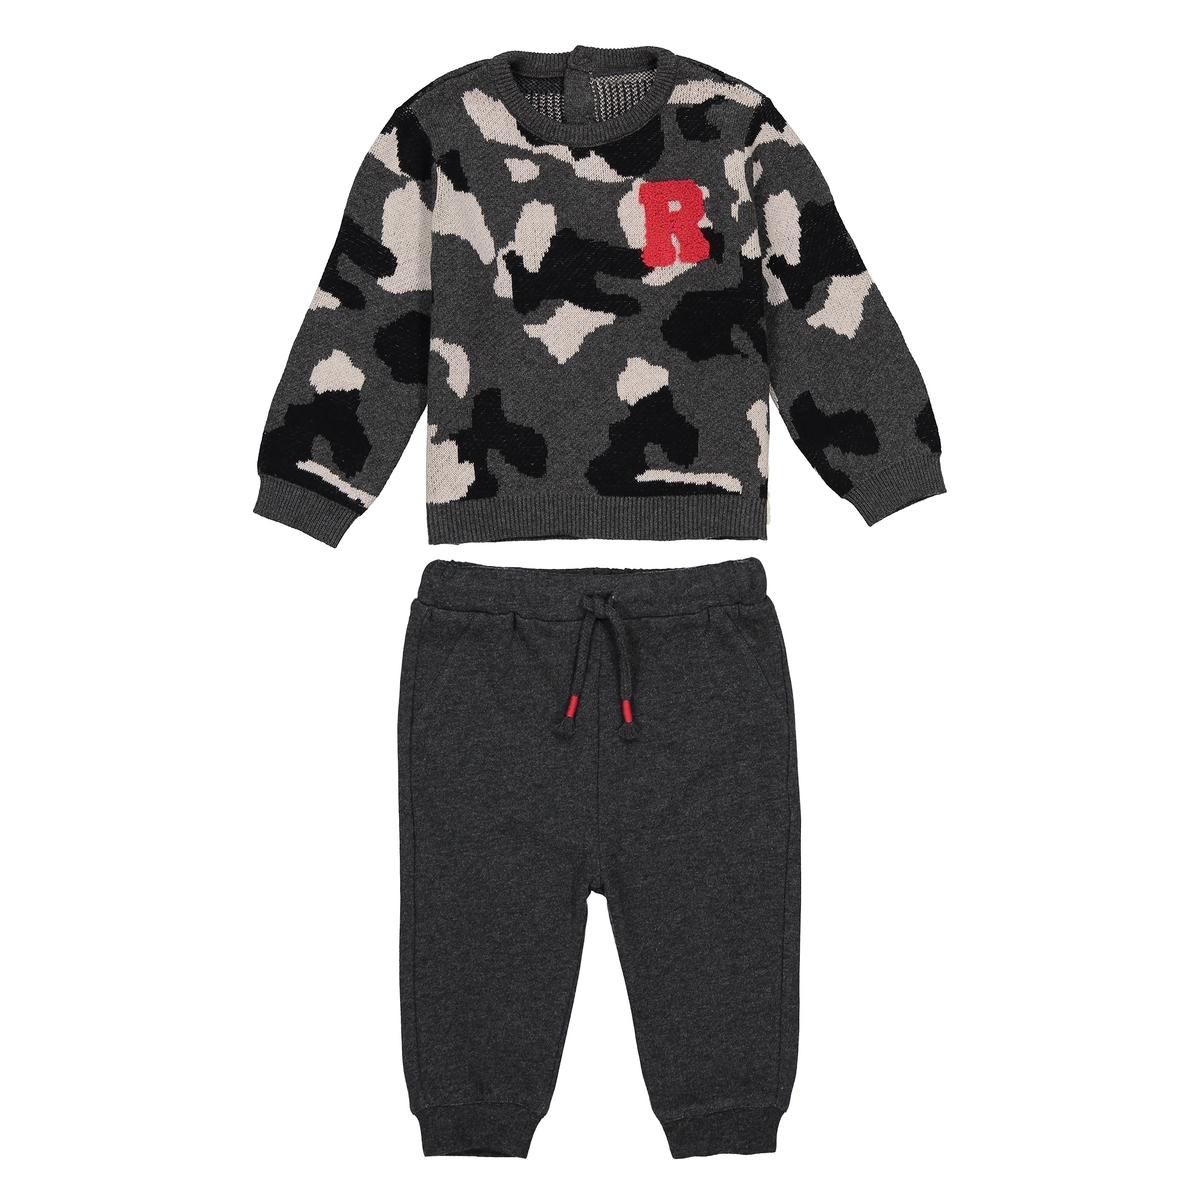 Комплект из свитшота и спортивных брюк, 1 мес. - 3 года комплект для младенца футболка комбинезон 1 мес 3 года